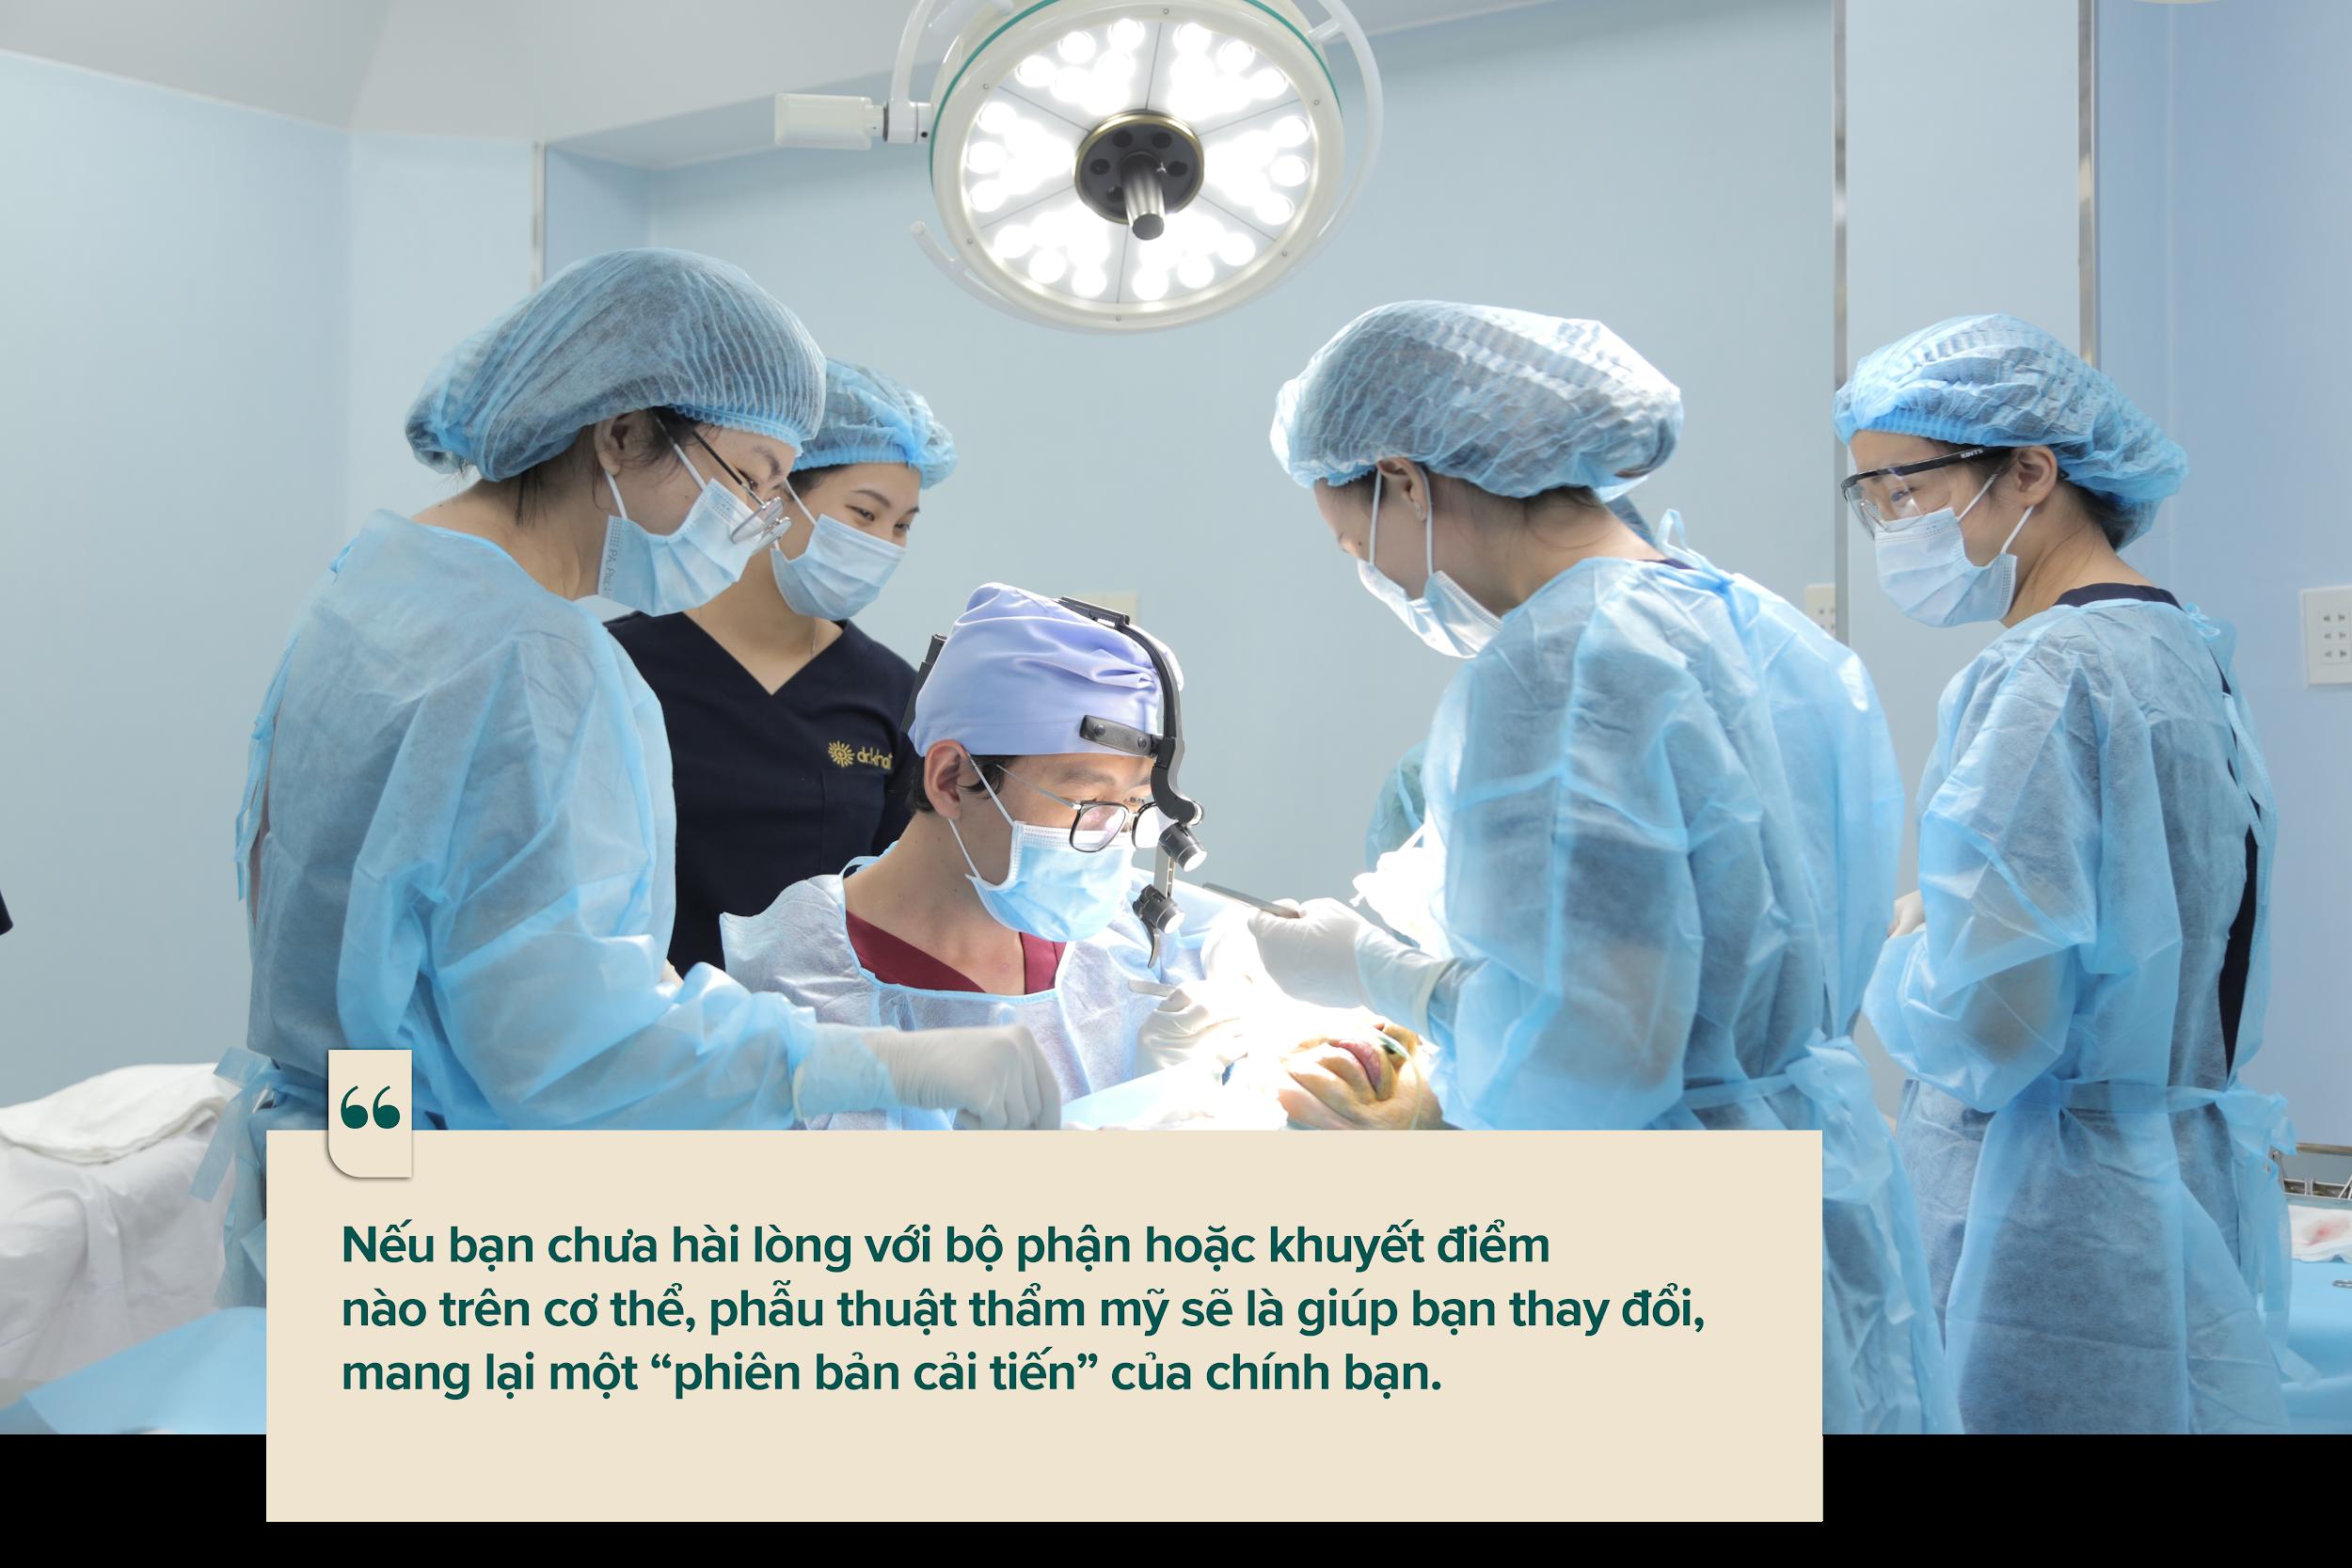 Phẫu thuật thẩm mỹ và góc nhìn mới - Ảnh 3